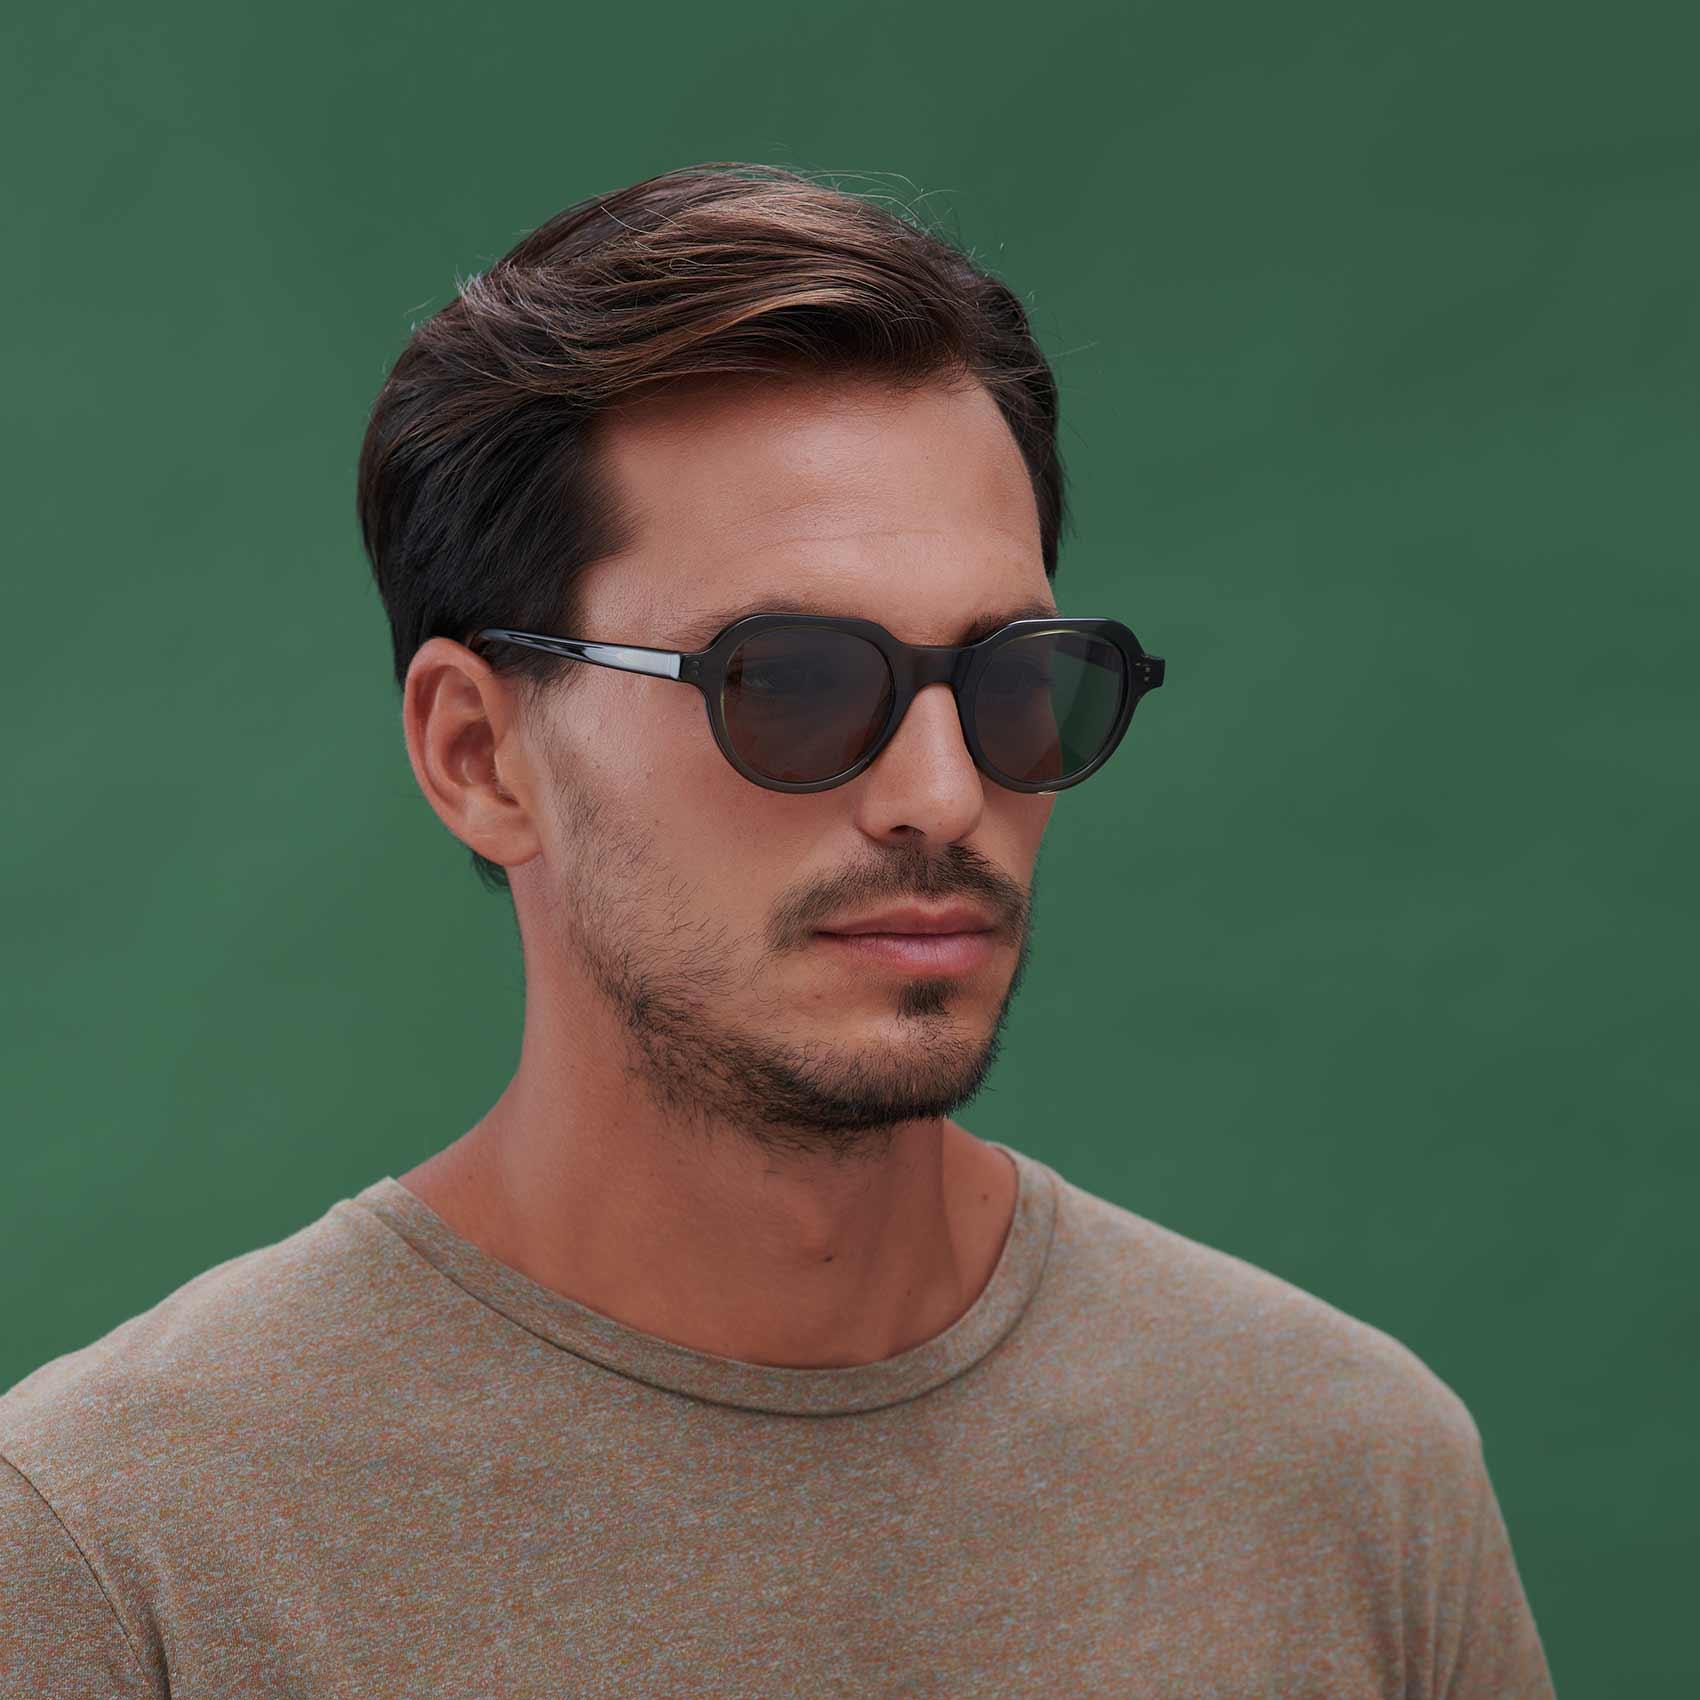 Gafas de sol para jóvenes ecológicas verde modelo Cabañal